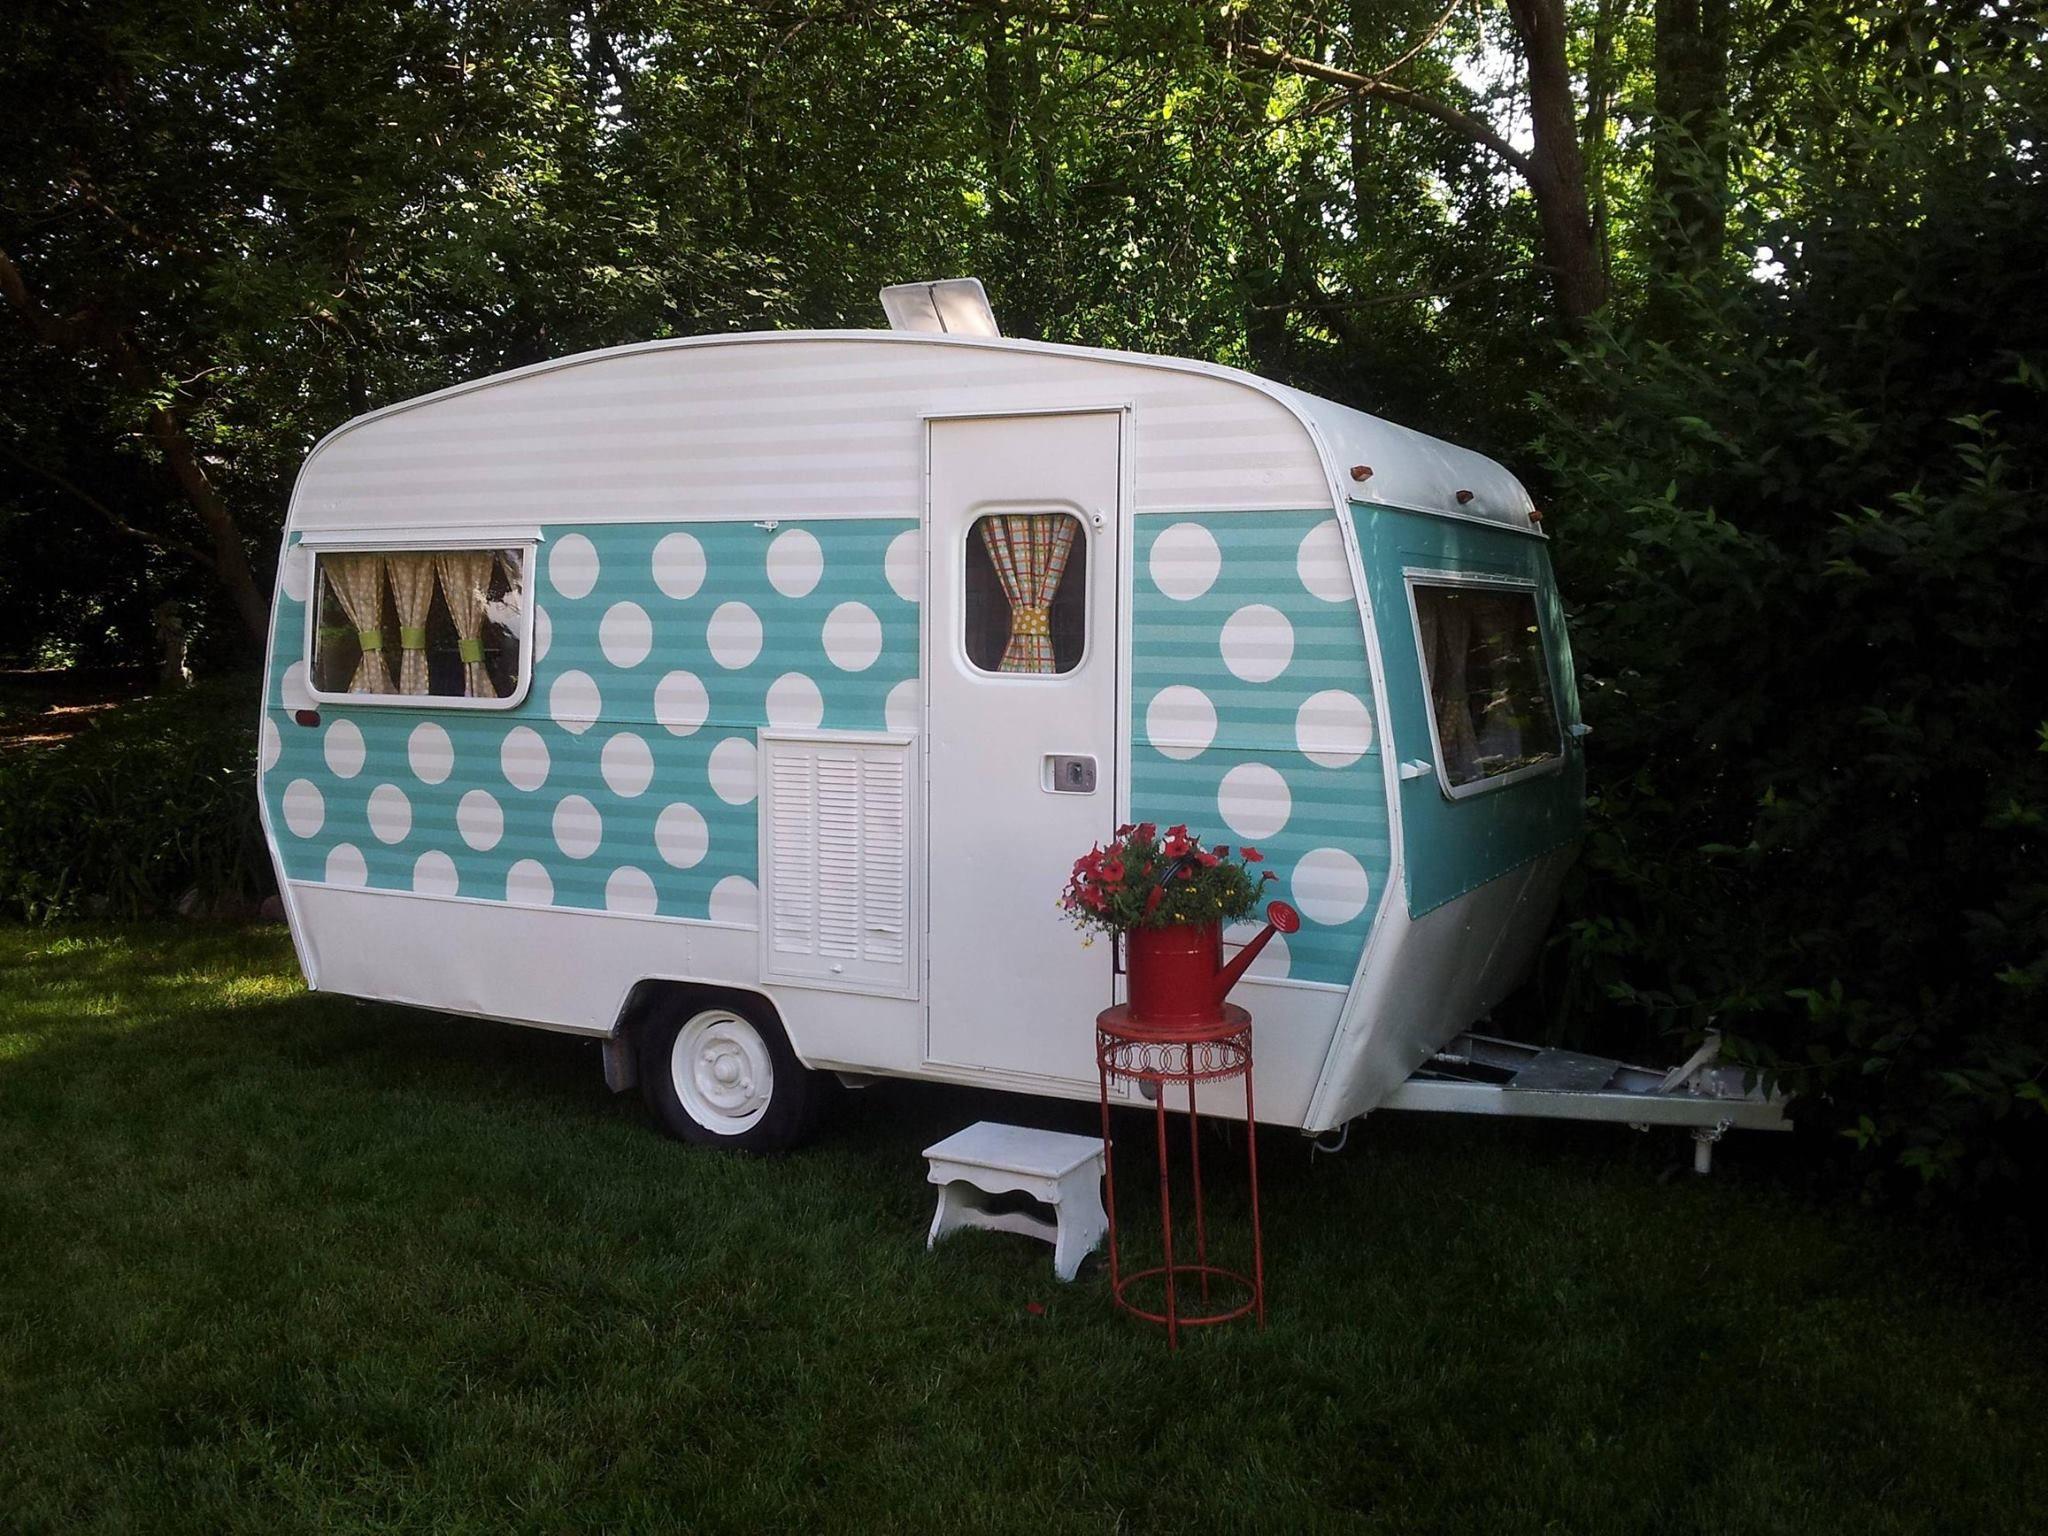 1911935 10203039924106475 935207838908519403 O Jpg 2 048 1 536 Pixels Glamping Trailer Vintage Rv Vintage Camper